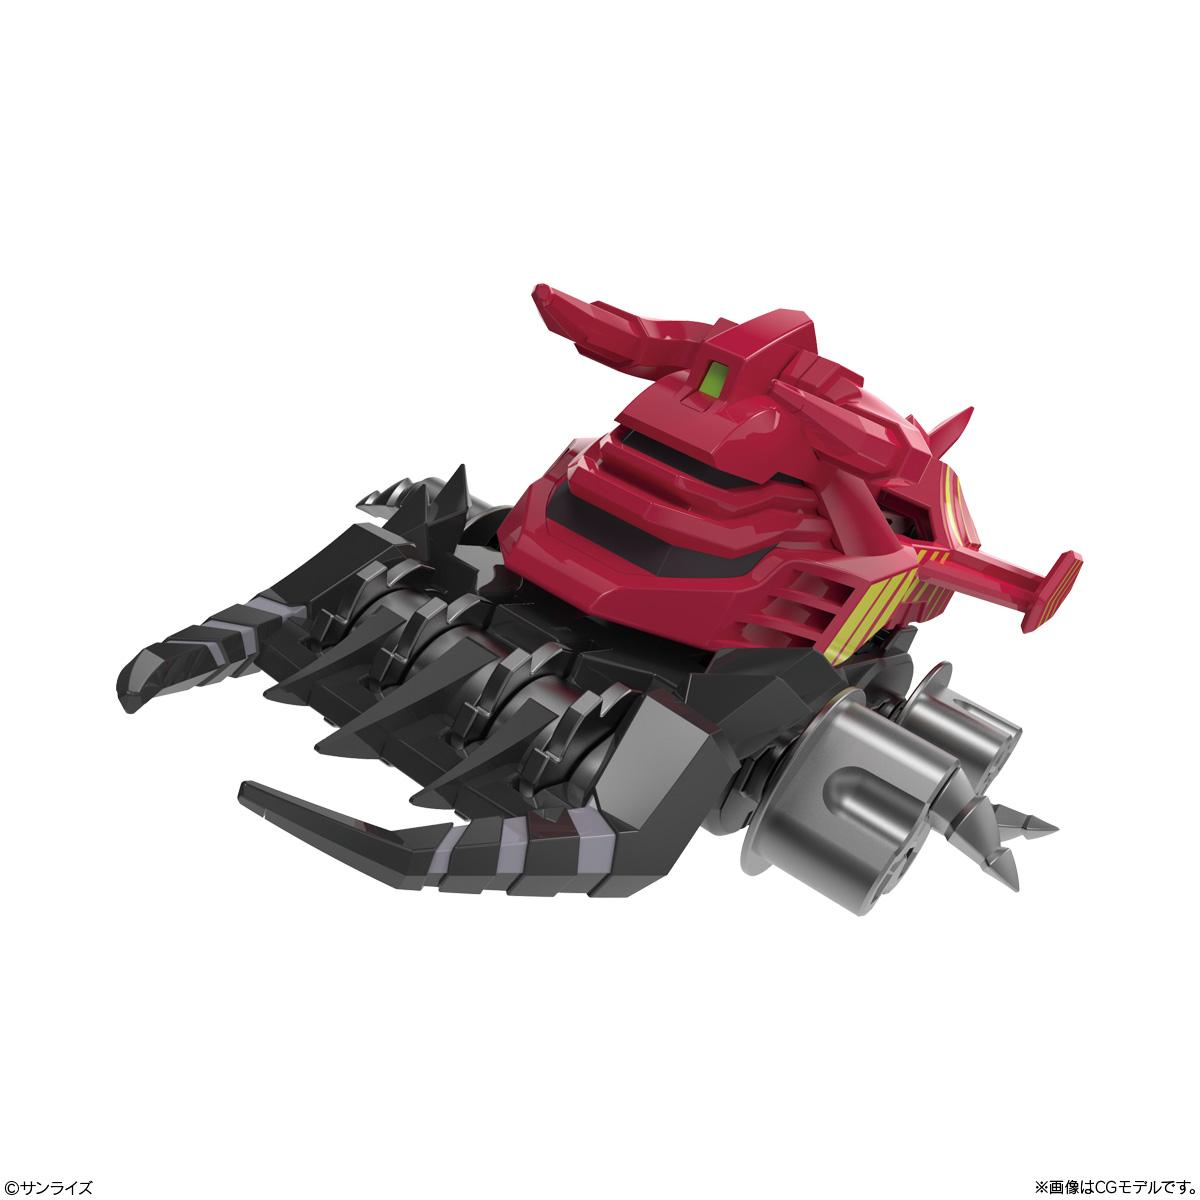 【食玩】SMP[SHOKUGAN MODELING PROJECT]『クラッシュギア BATTLE1』激闘!クラッシュギアTURBO 3個入りBOX-006